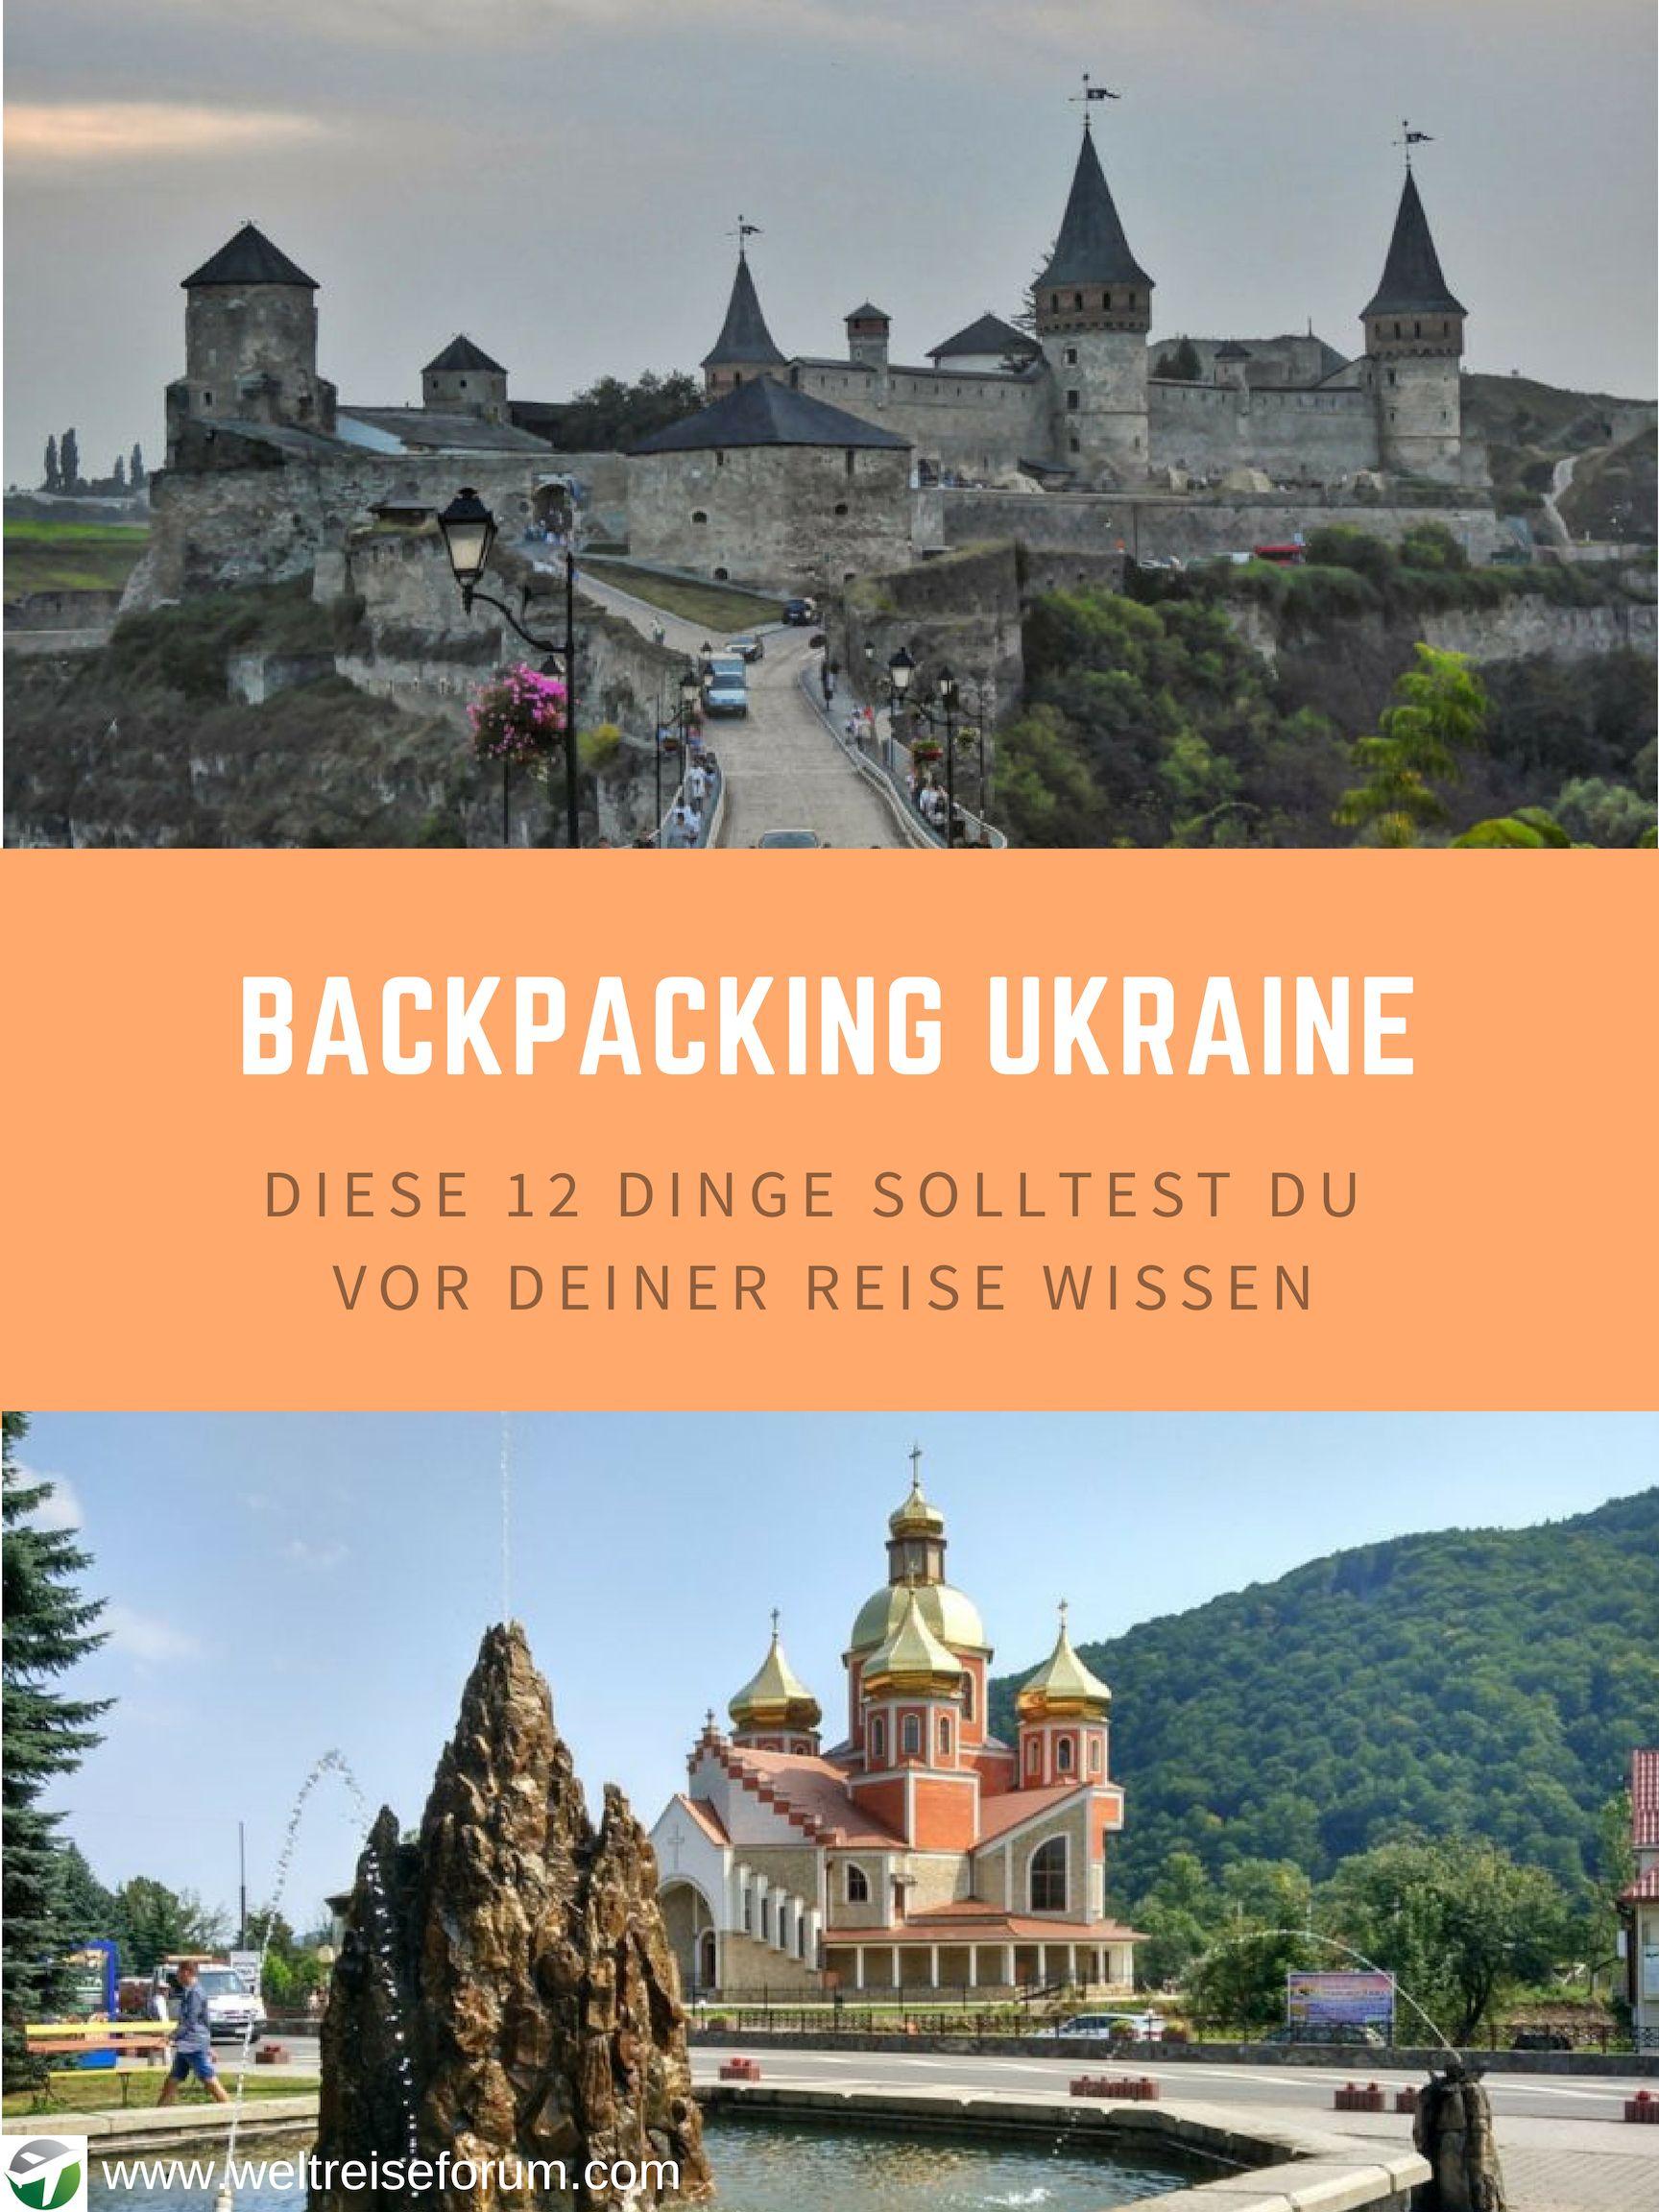 Backpacking In Der Ukraine Die Besten Tipps Fur Eine Rucksackreise Nach Lwiw Kiew Czernowitz Ukraine Reisen Backpacking